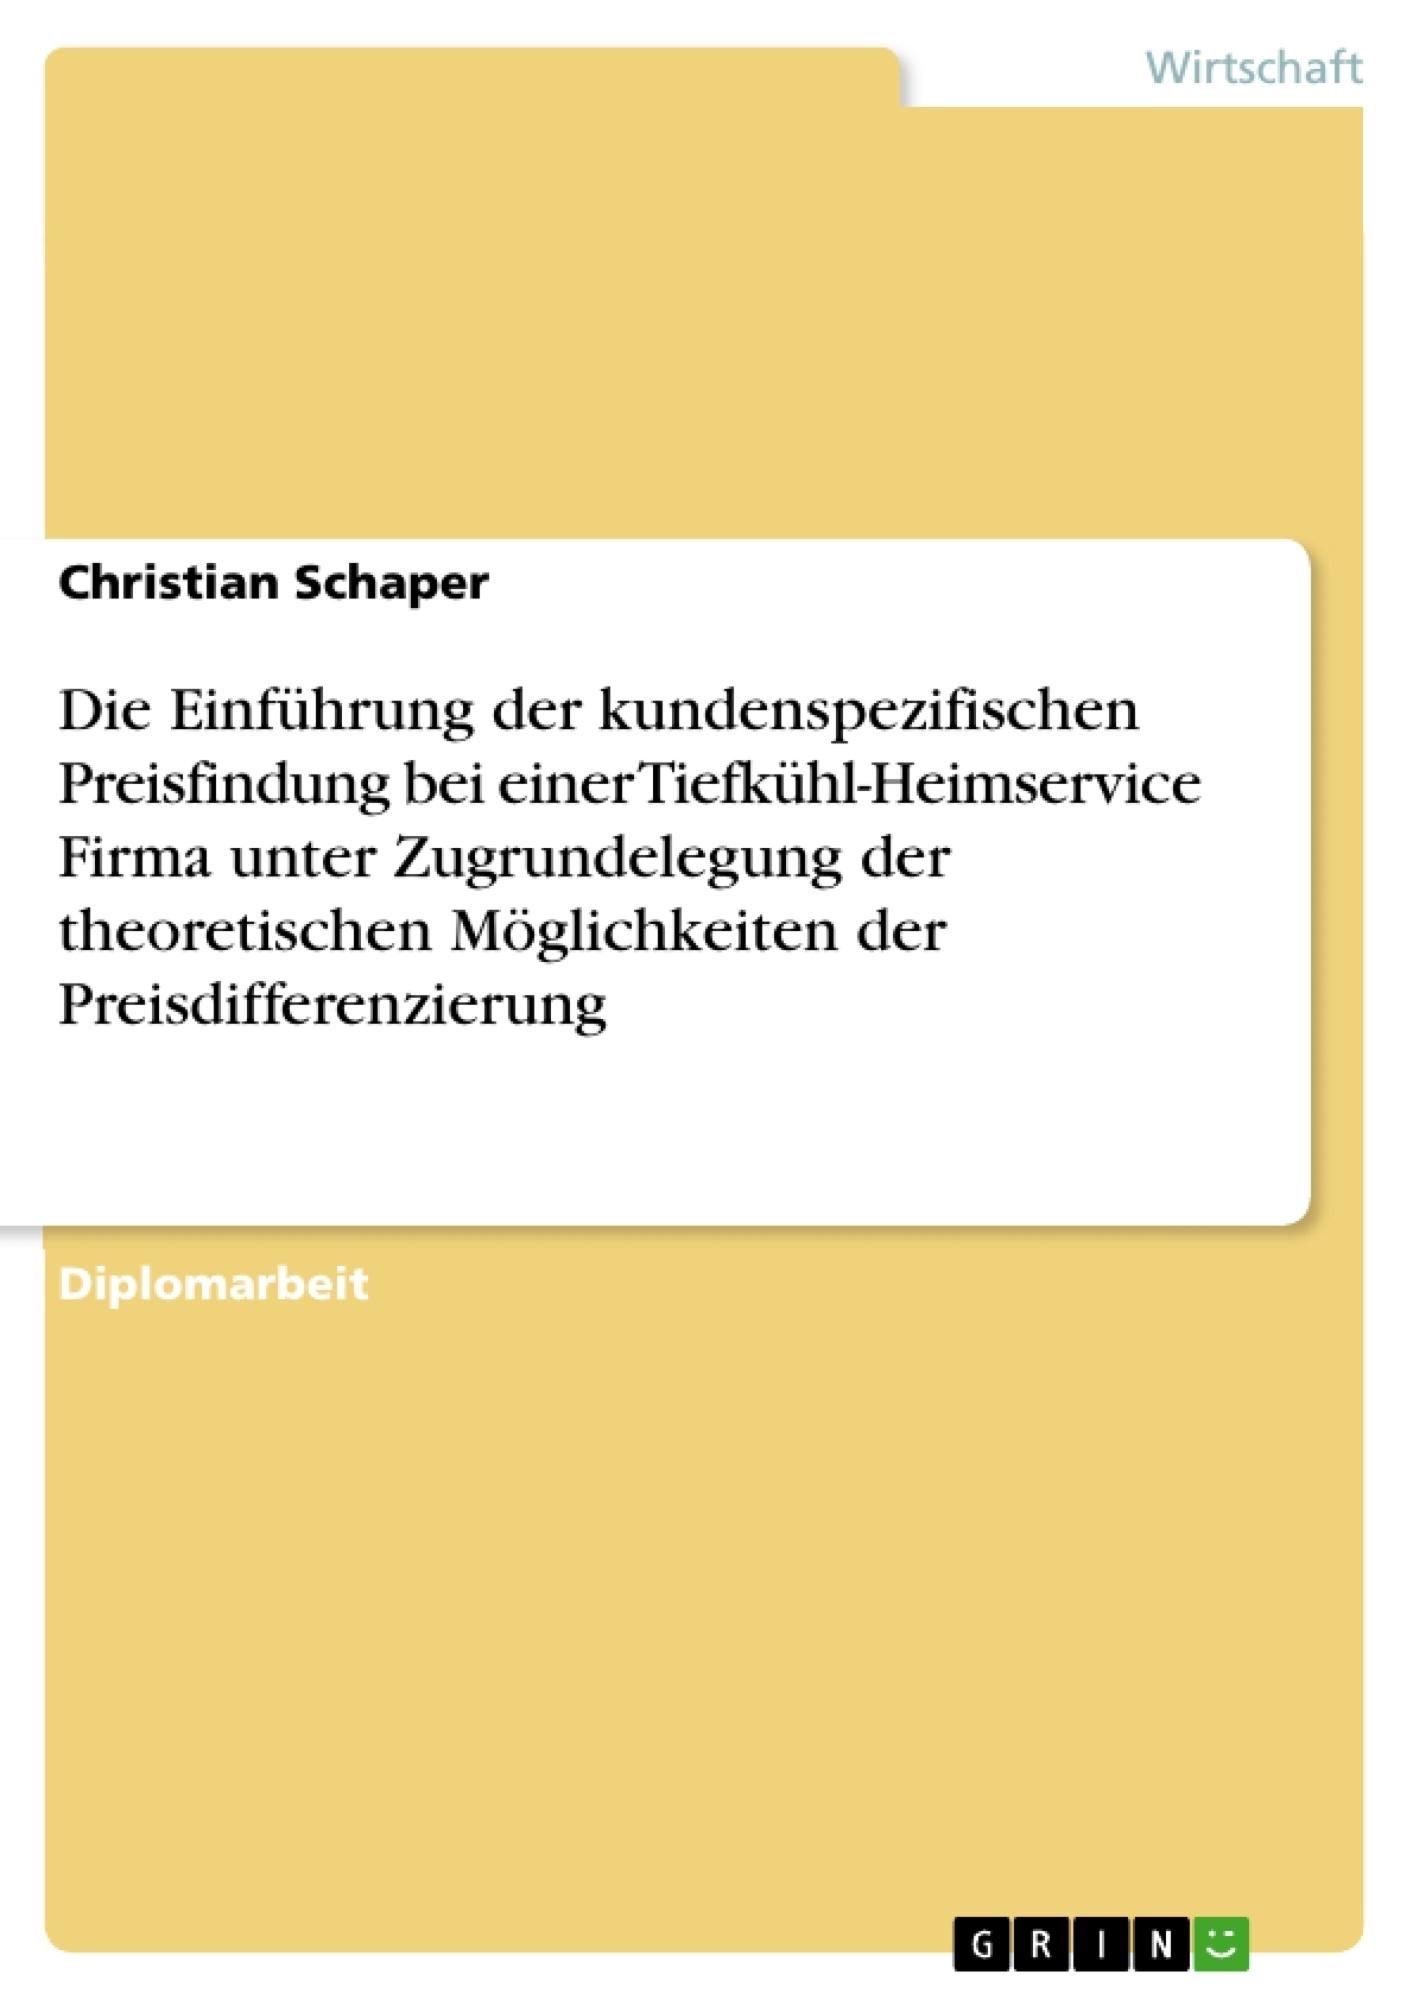 Titel: Die Einführung der kundenspezifischen Preisfindung bei einer Tiefkühl-Heimservice Firma unter Zugrundelegung der theoretischen Möglichkeiten der Preisdifferenzierung